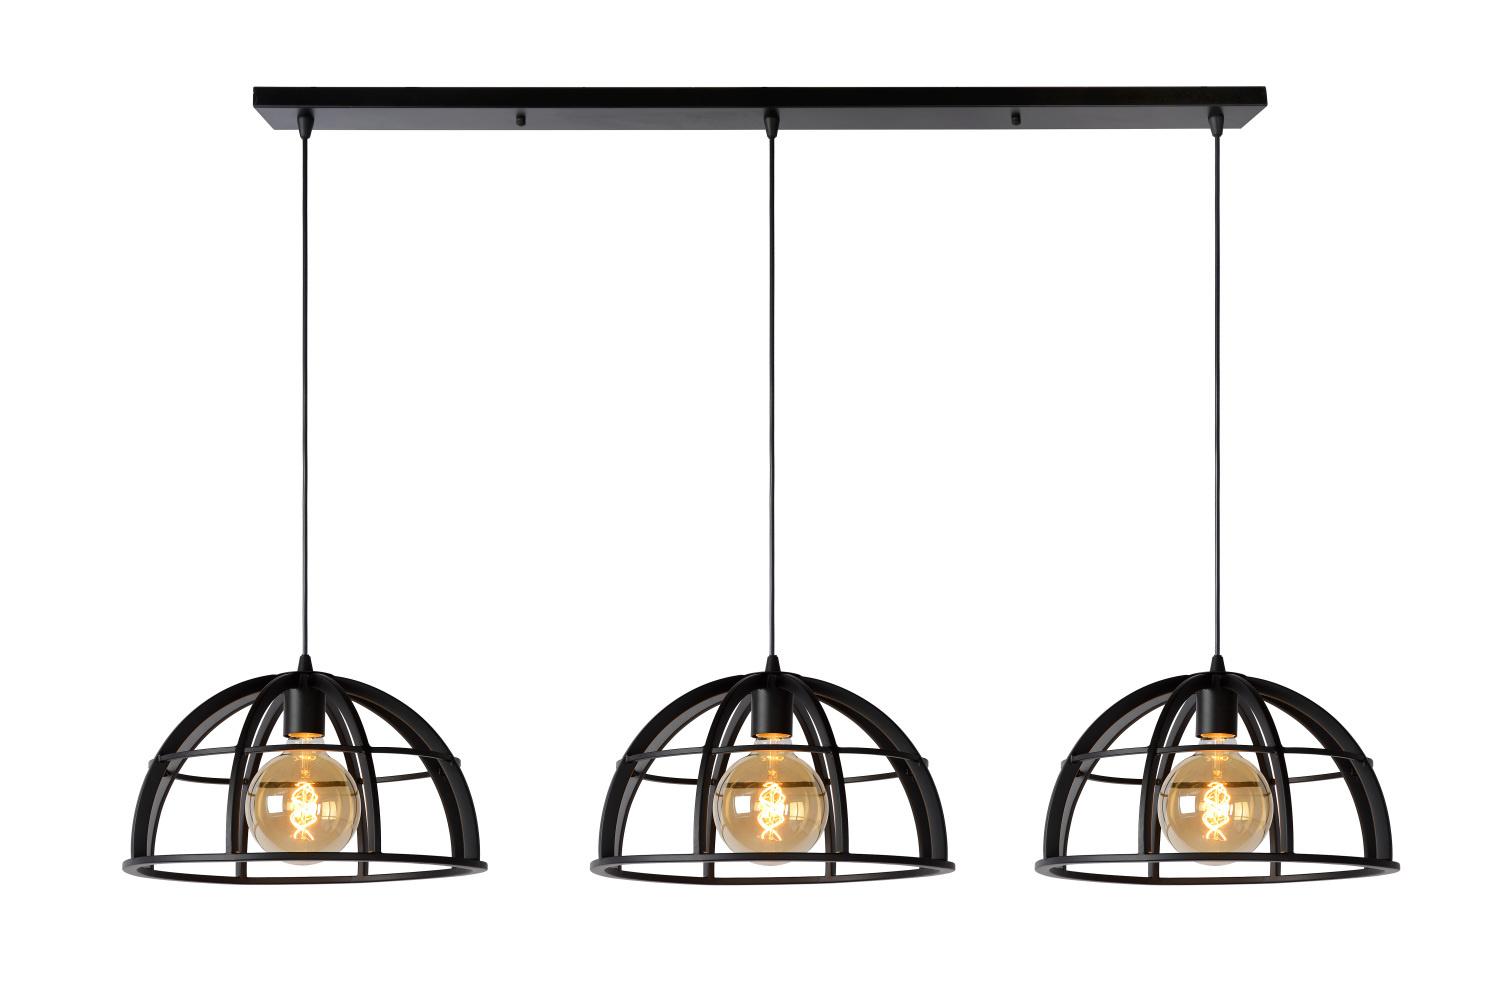 Lucide DIKRA Hanglamp-Zwart-Ø40-3xE27-60W-Metaal